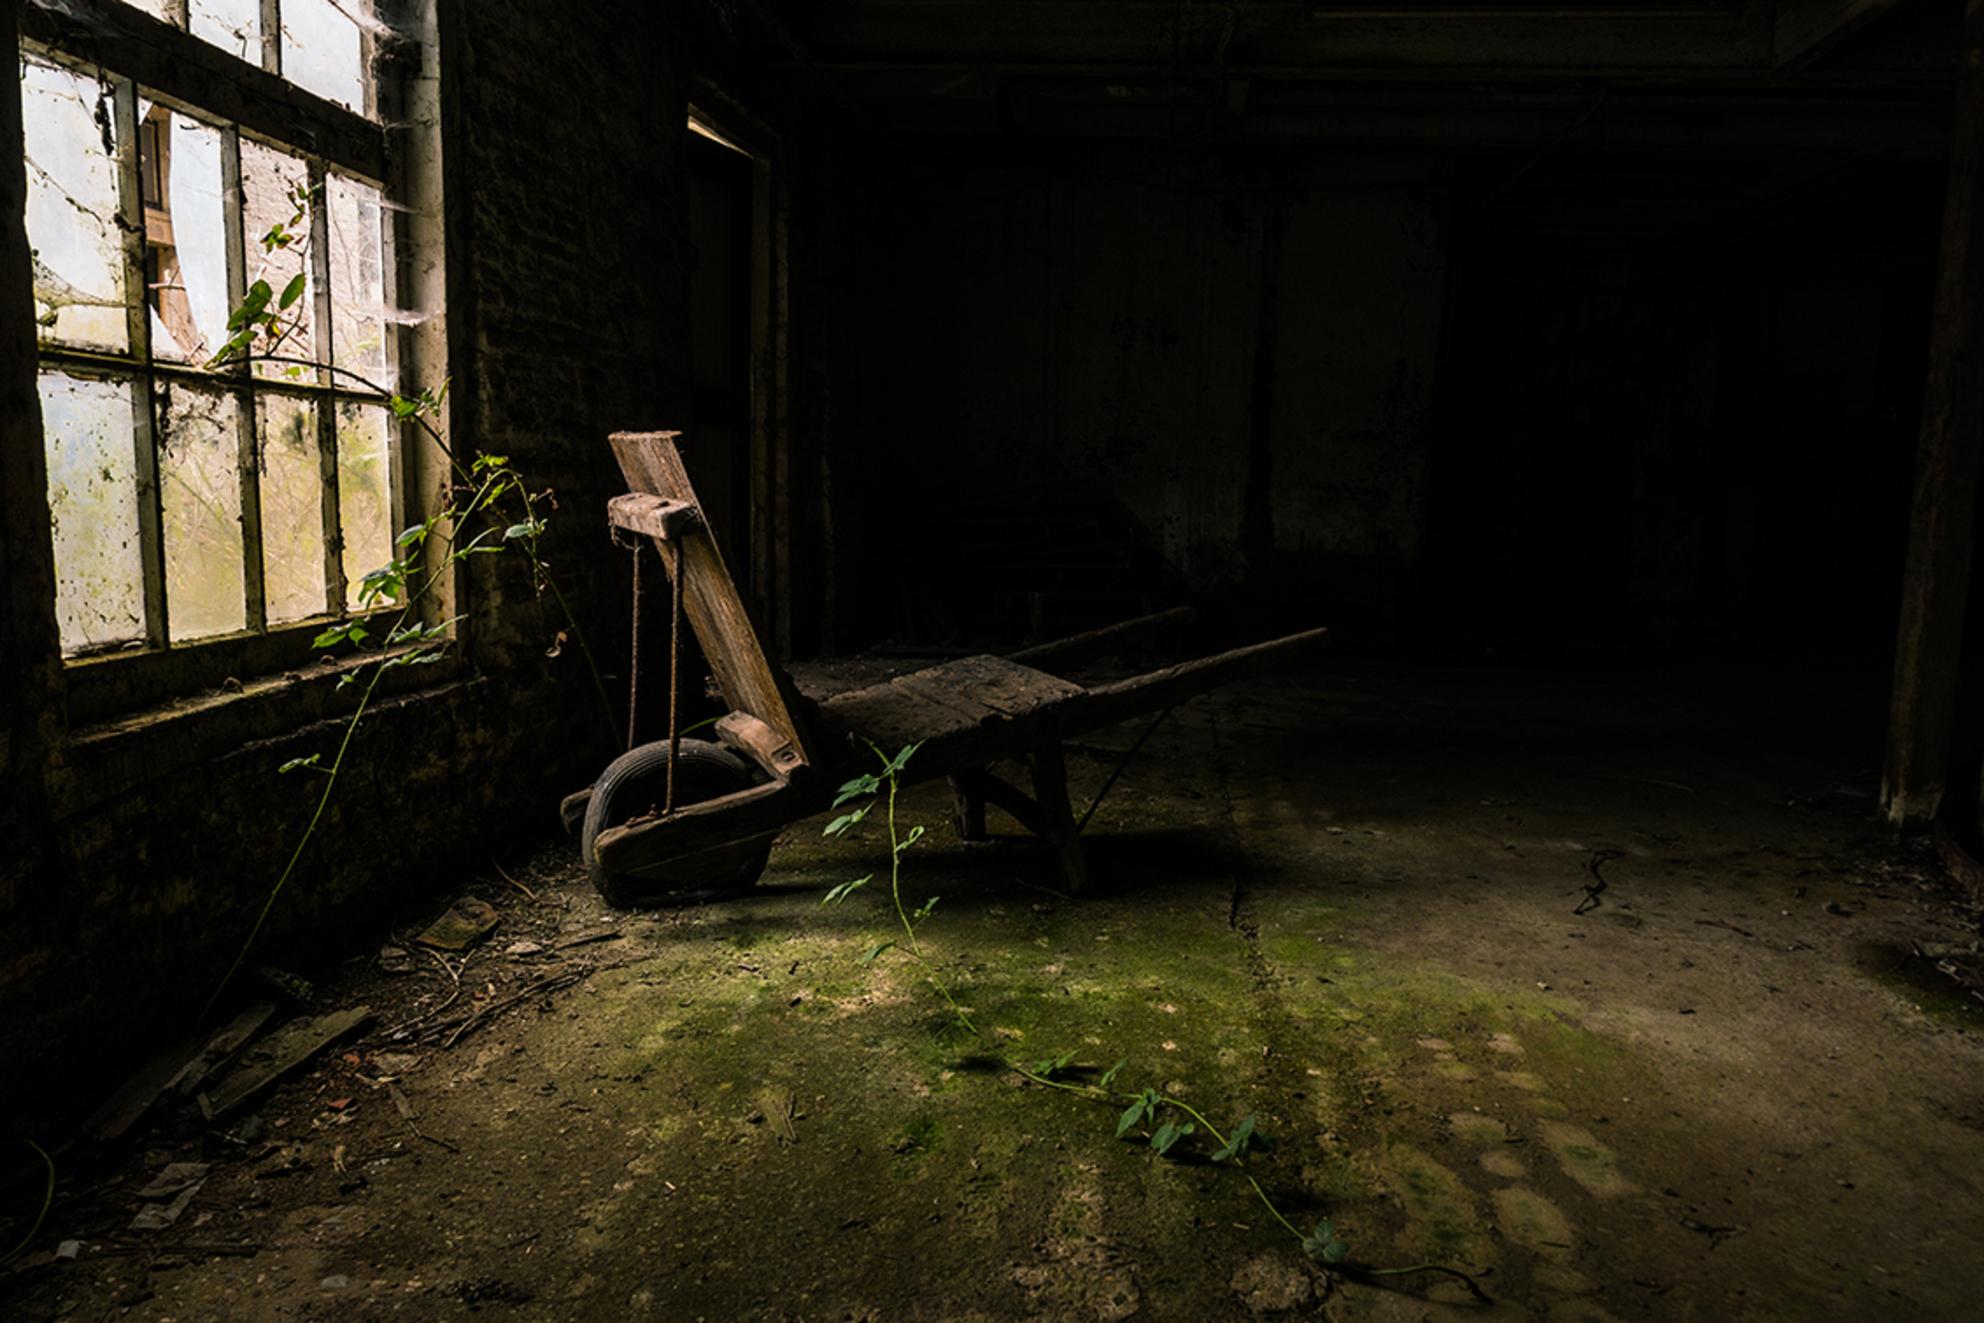 Waakzaam en Dienstbaar - Een kruiwagen in een verlaten fabriek. De zelfde fabriek als de vorige foto. Het licht was ongelofelijk! De wolken die de zonsverduistering voor heel - foto door Sake-van-Pelt op 20-03-2015 - deze foto bevat: oud, zon, glas, licht, mos, lijnen, architectuur, gebouw, ruiten, verlaten, luik, gebroken, vervallen, gat, kapot, ruit, braam, urbex, alg, kruiwagen, begroeid, urban exploring, lange sluitertijd - Deze foto mag gebruikt worden in een Zoom.nl publicatie